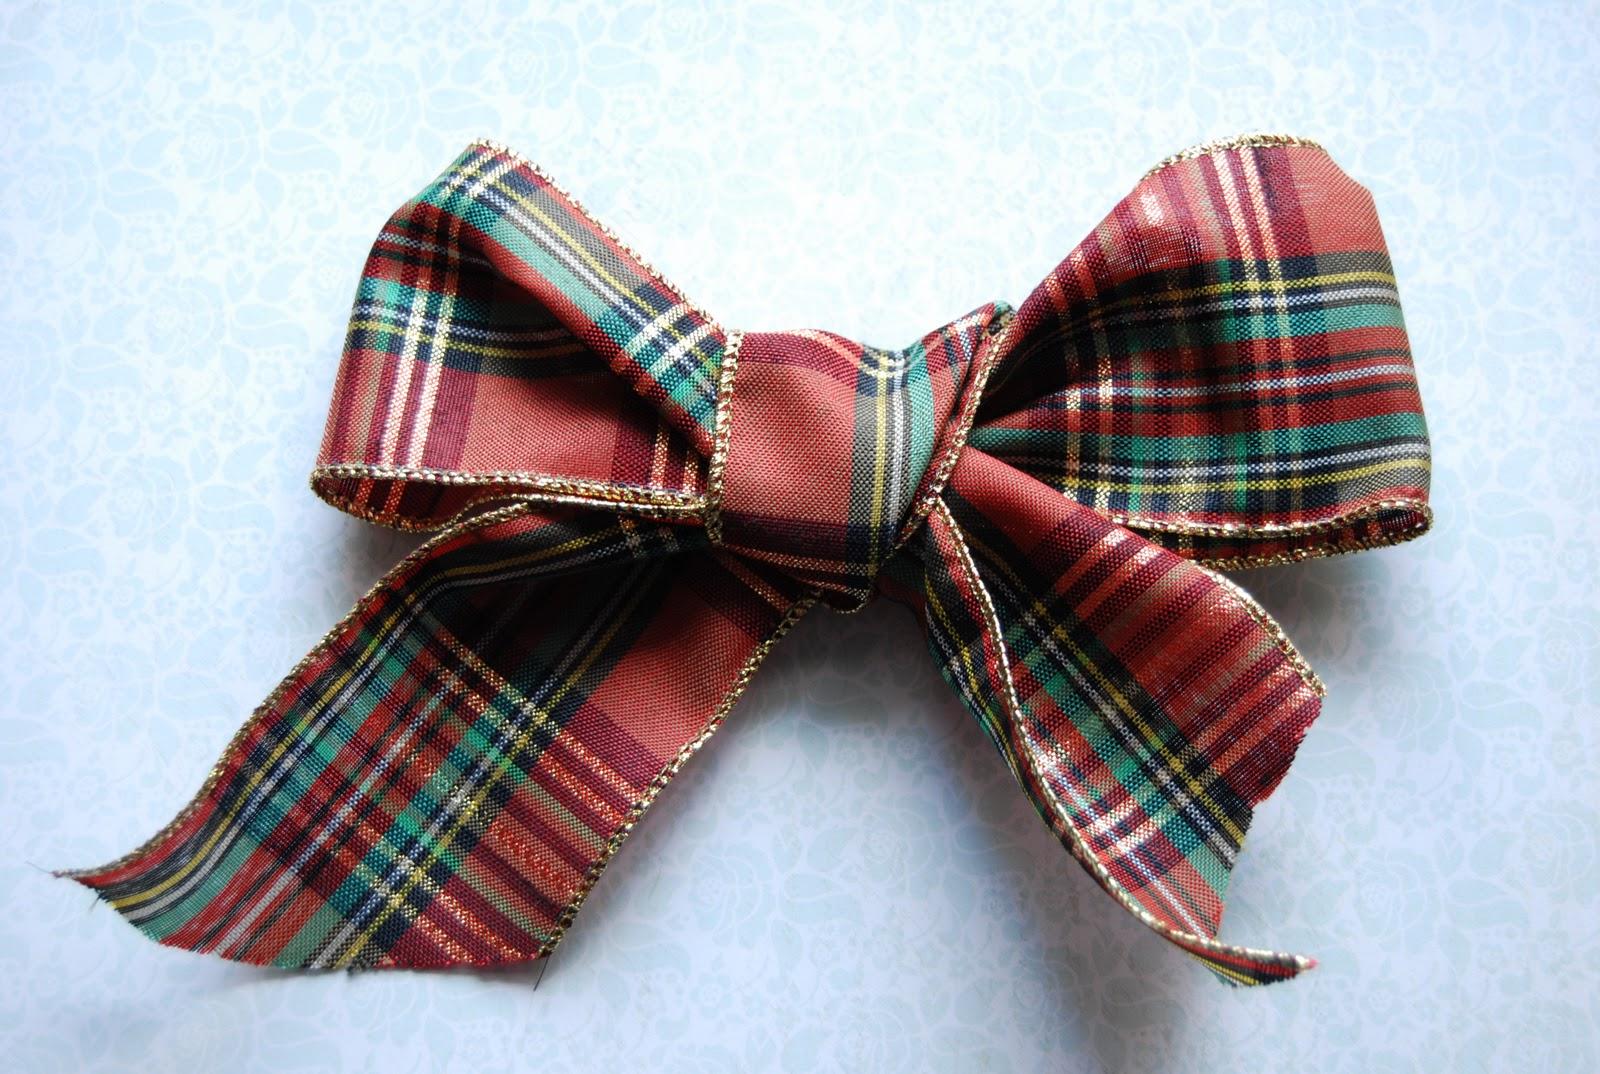 Delipapel lazos anchos para decorar el rbol coronas de - Lazos para arbol de navidad ...